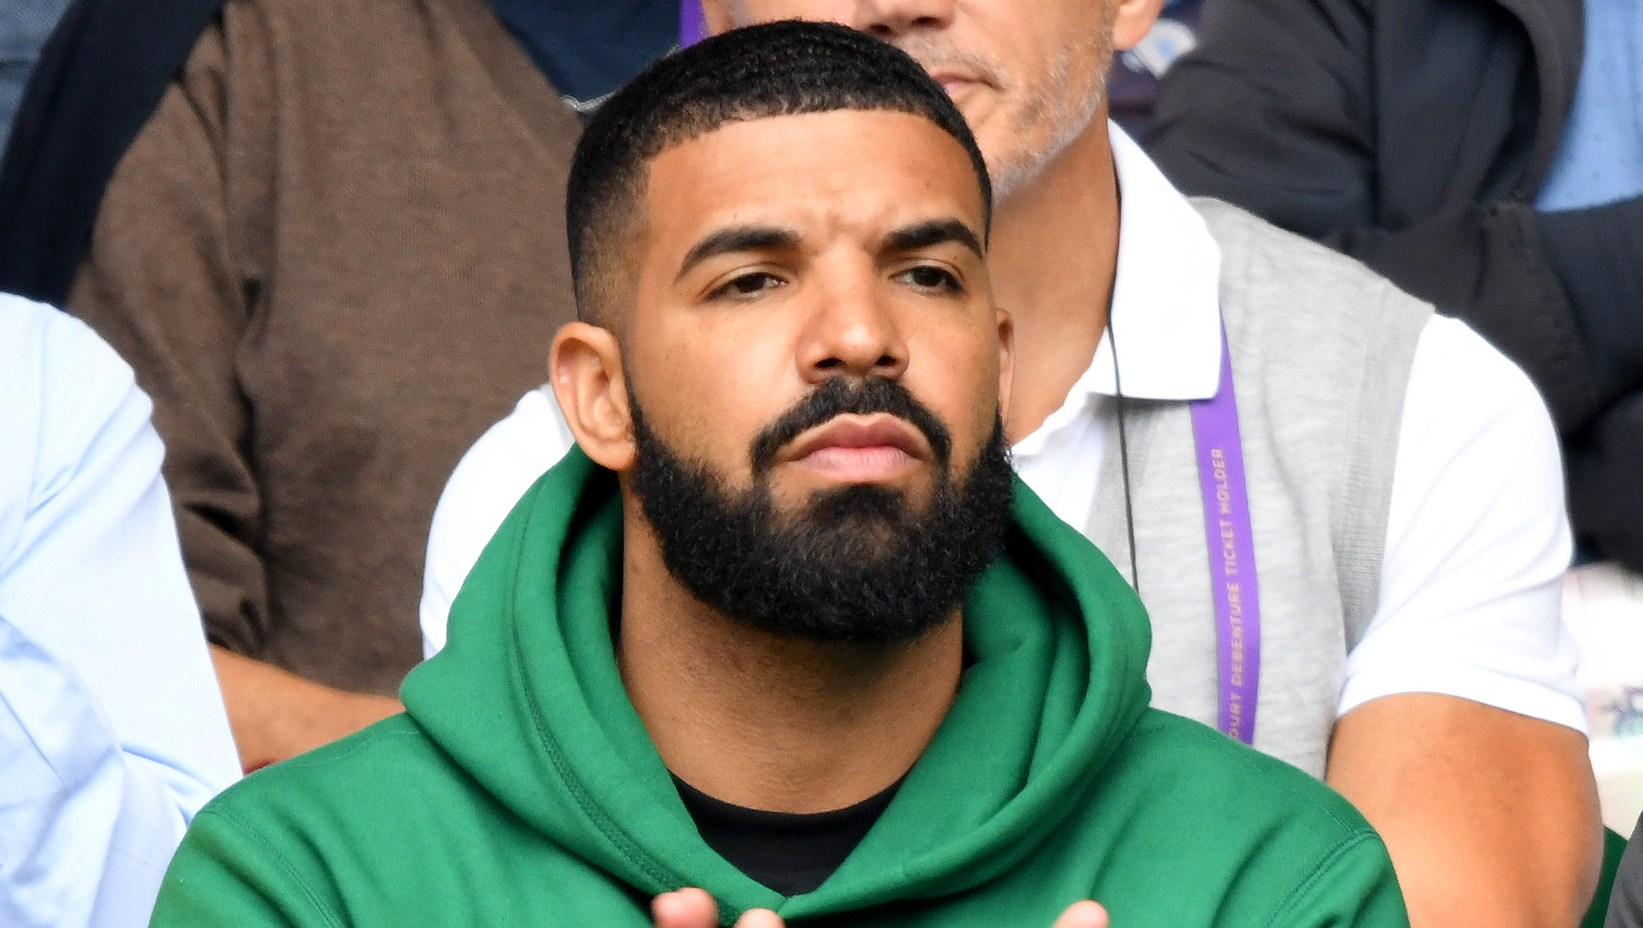 Drake-Cheers-on-Serena-Williams-at-Wimbledon